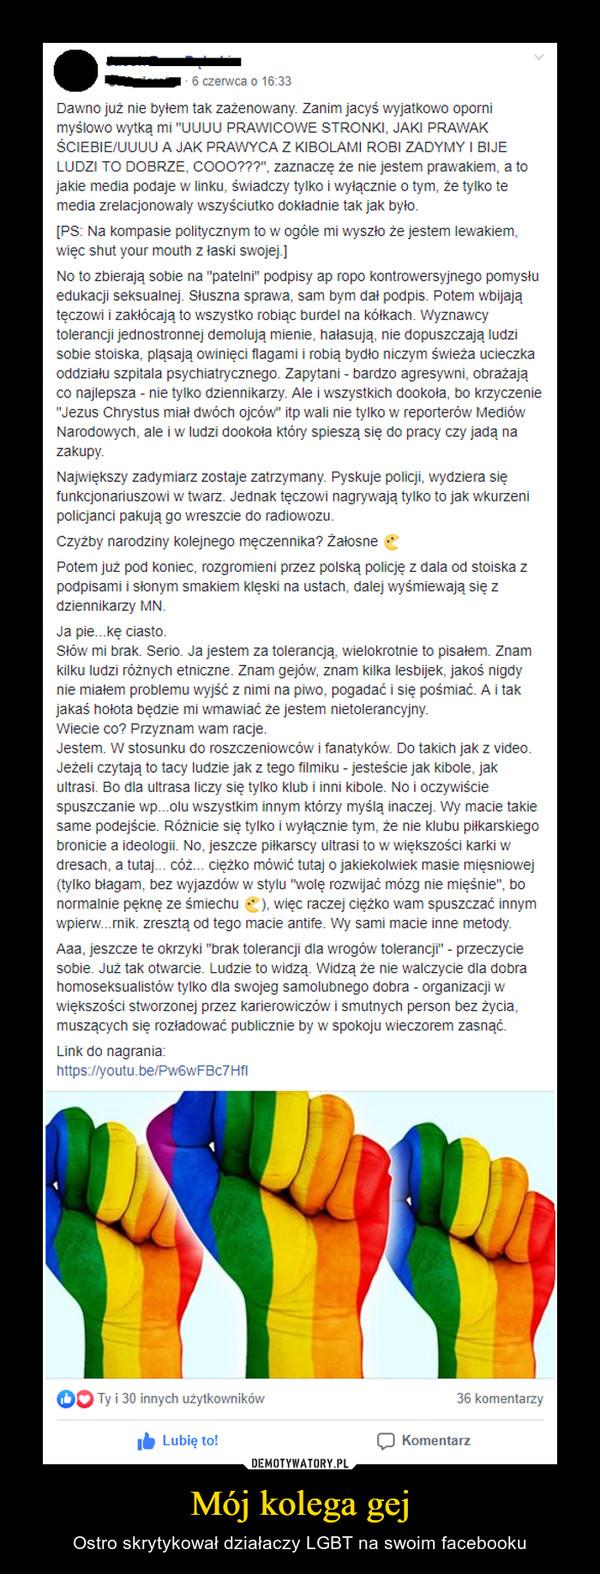 Mój kolega gej – Ostro skrytykował działaczy LGBT na swoim facebooku